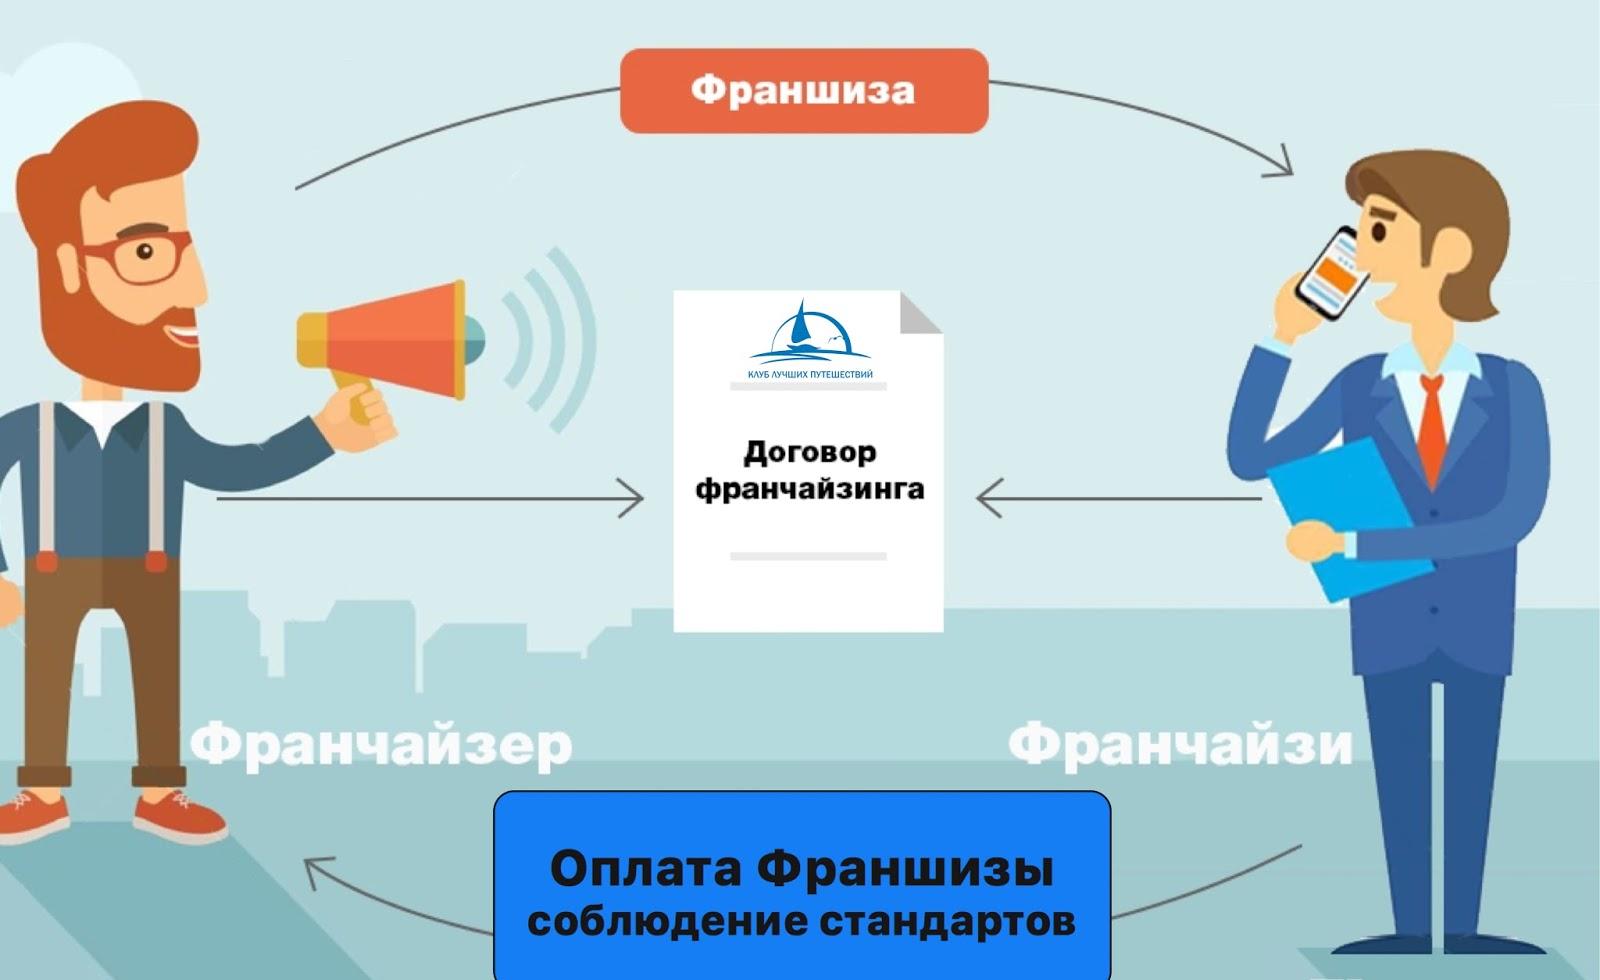 Куда выгодно вложить 100 тысяч рублей